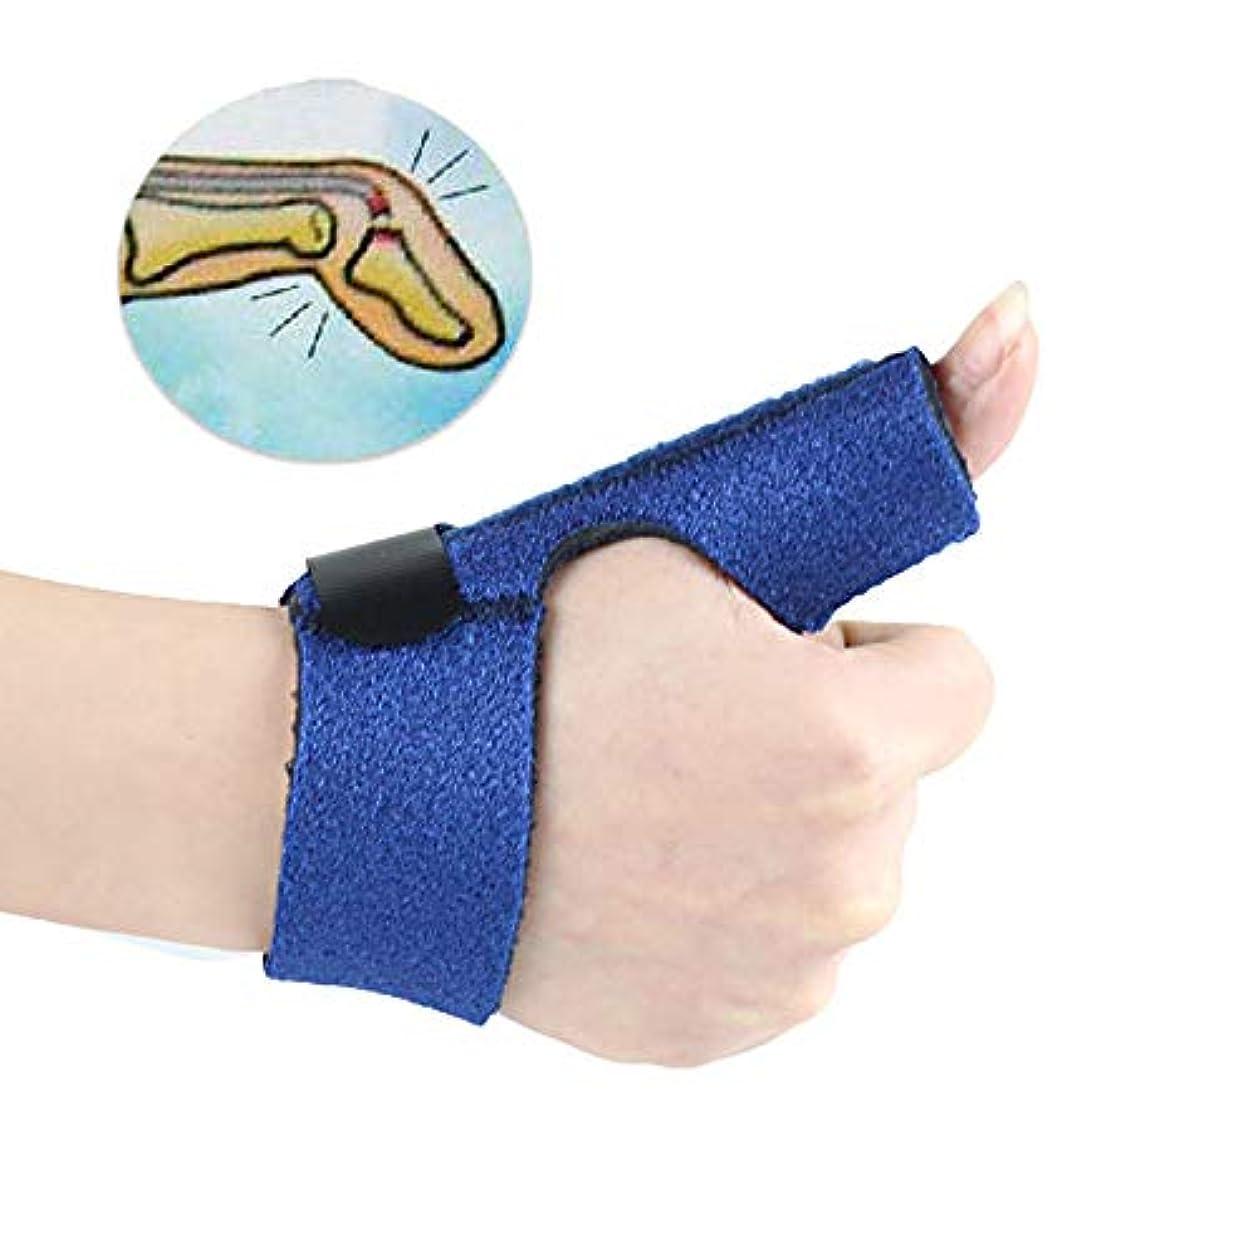 によって残る肘トリガーフィンガースプリント調整可能なプロテクターフィンガーサポートブレーススプリント、指の痛みを軽減するための内蔵アルミニウムサポート